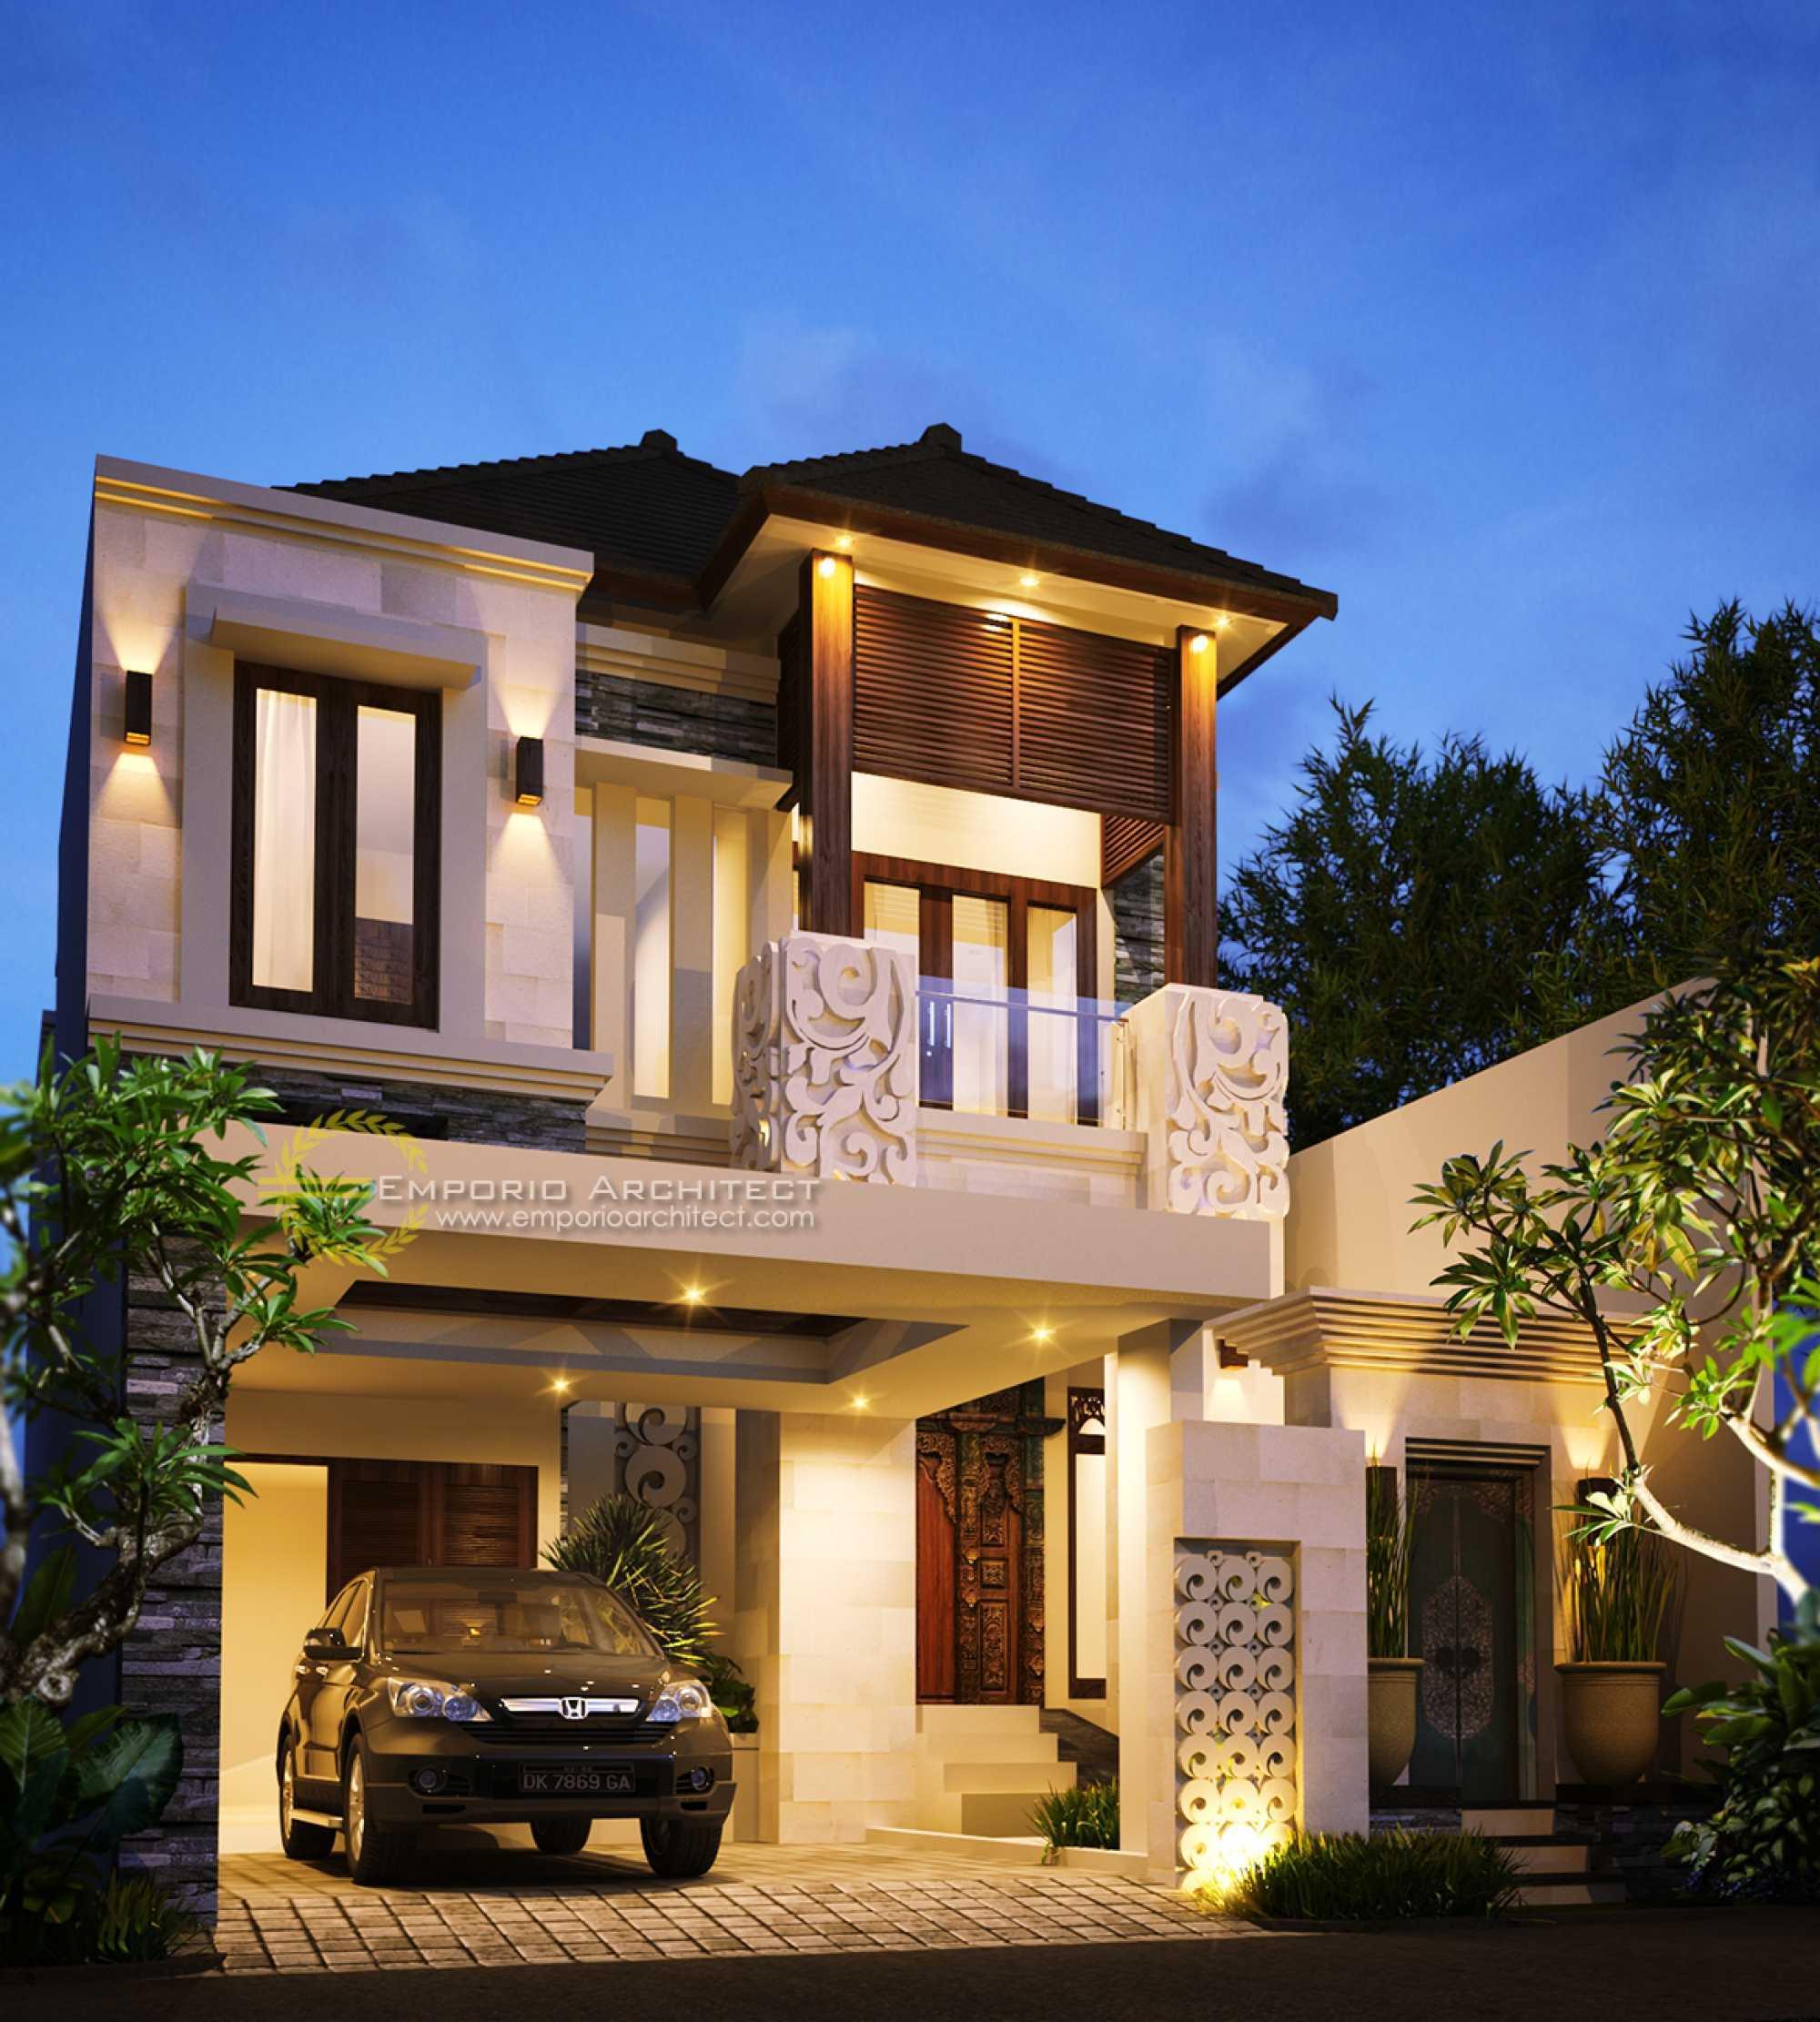 Emporio Architect Jasa Arsitek Jakarta Desain Rumah Villa Bali Tropis 162 @ Jakarta Jakarta, Daerah Khusus Ibukota Jakarta, Indonesia Jakarta, Daerah Khusus Ibukota Jakarta, Indonesia Emporio-Architect-Jasa-Arsitek-Jakarta-Desain-Rumah-Villa-Bali-Tropis-162-Jakarta Tropical  78968